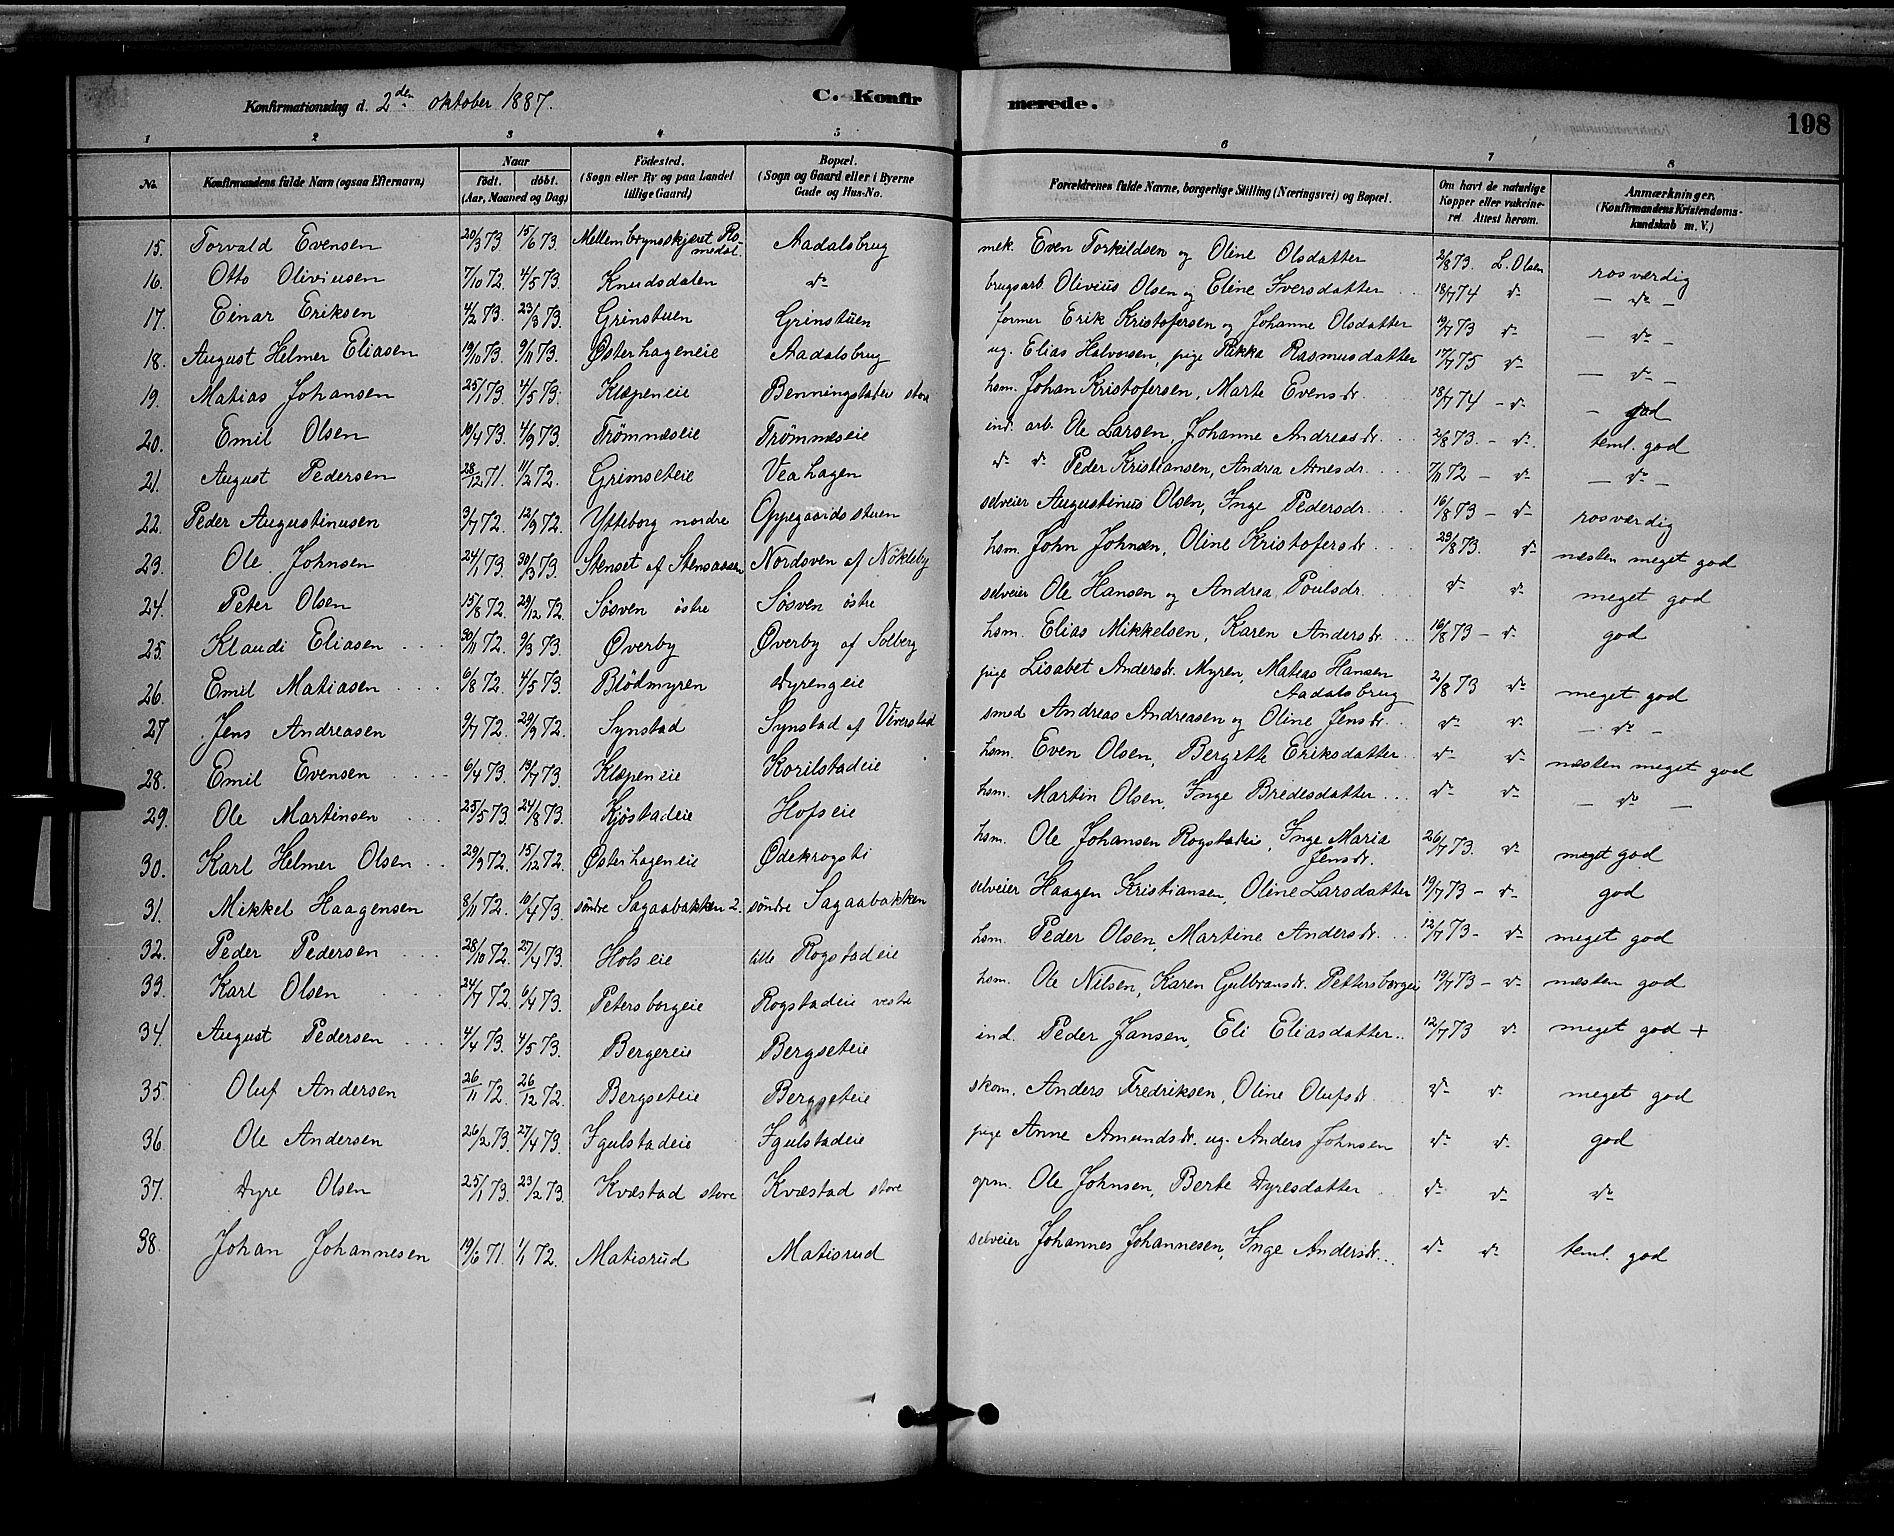 SAH, Løten prestekontor, L/La/L0005: Klokkerbok nr. 5, 1878-1891, s. 198